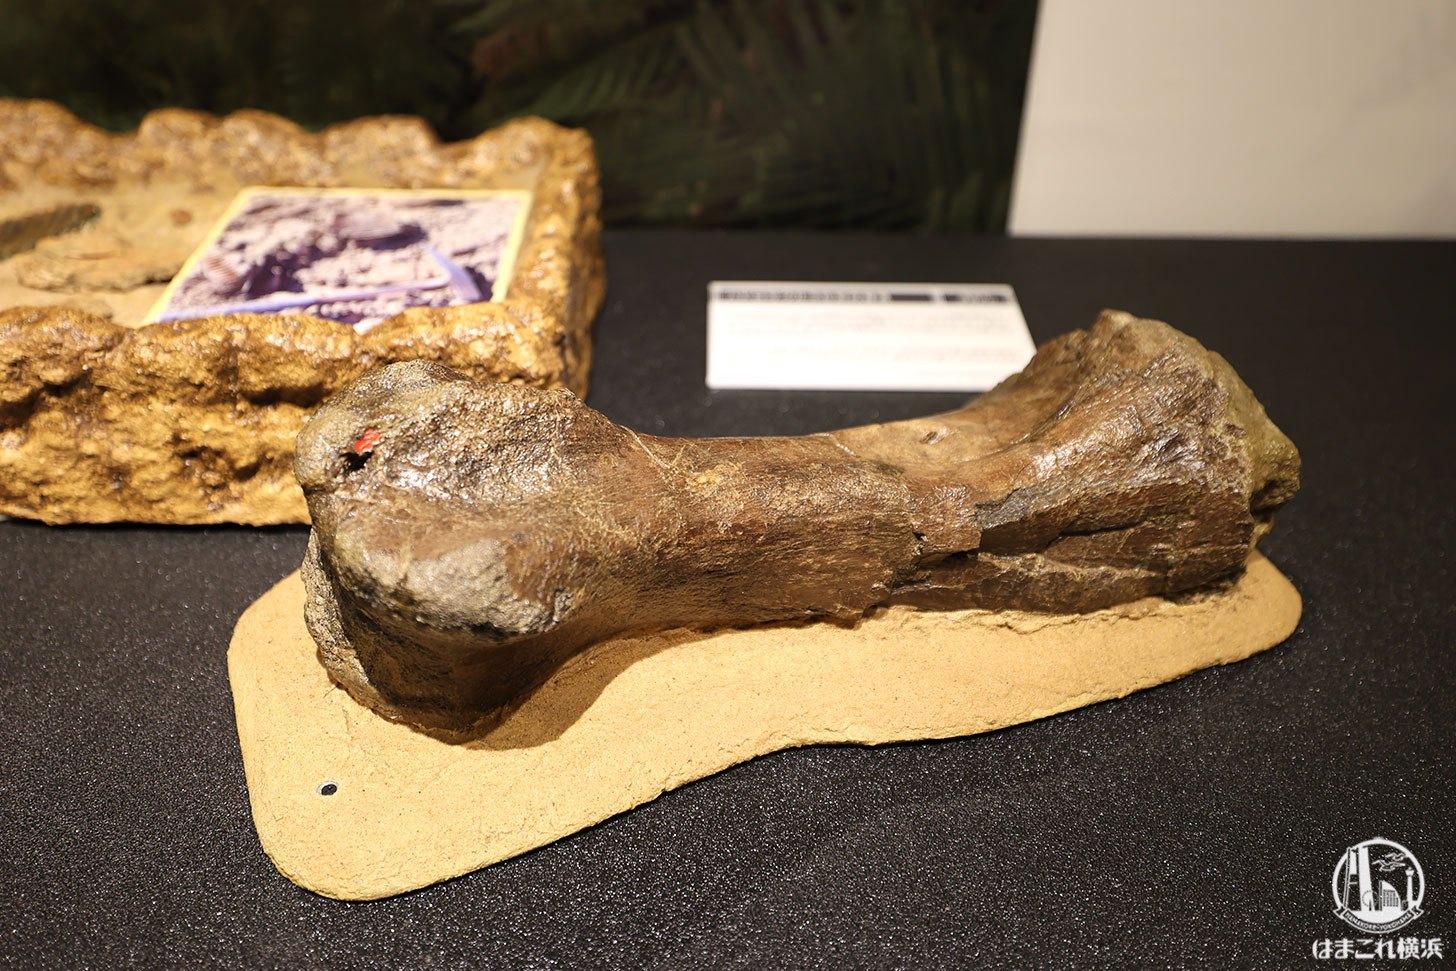 噛まれた跡のあるハドロサウルスの足の骨